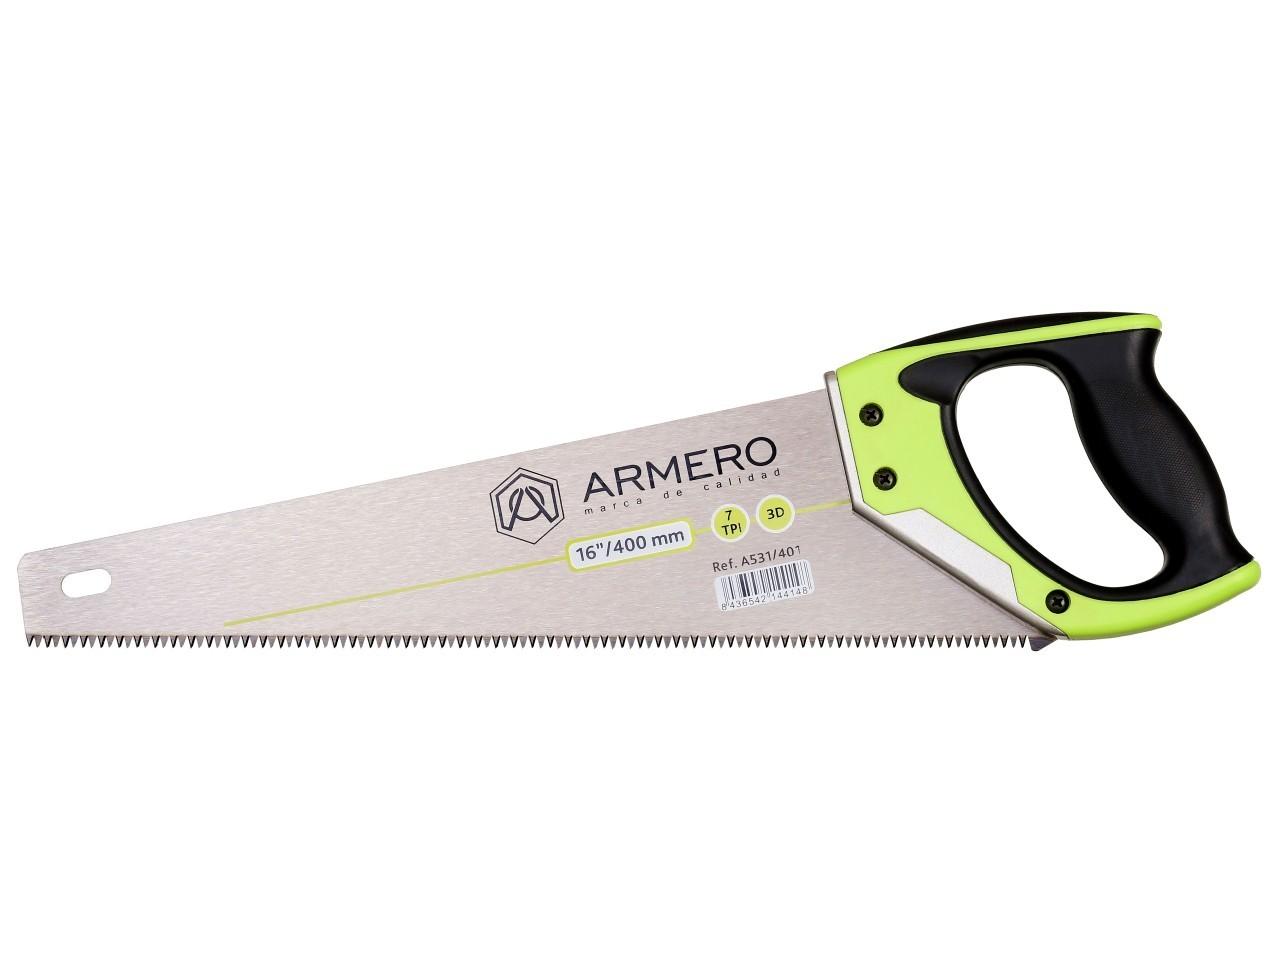 Ножовка по дереву A531/401, 400мм, 3d, средний зуб